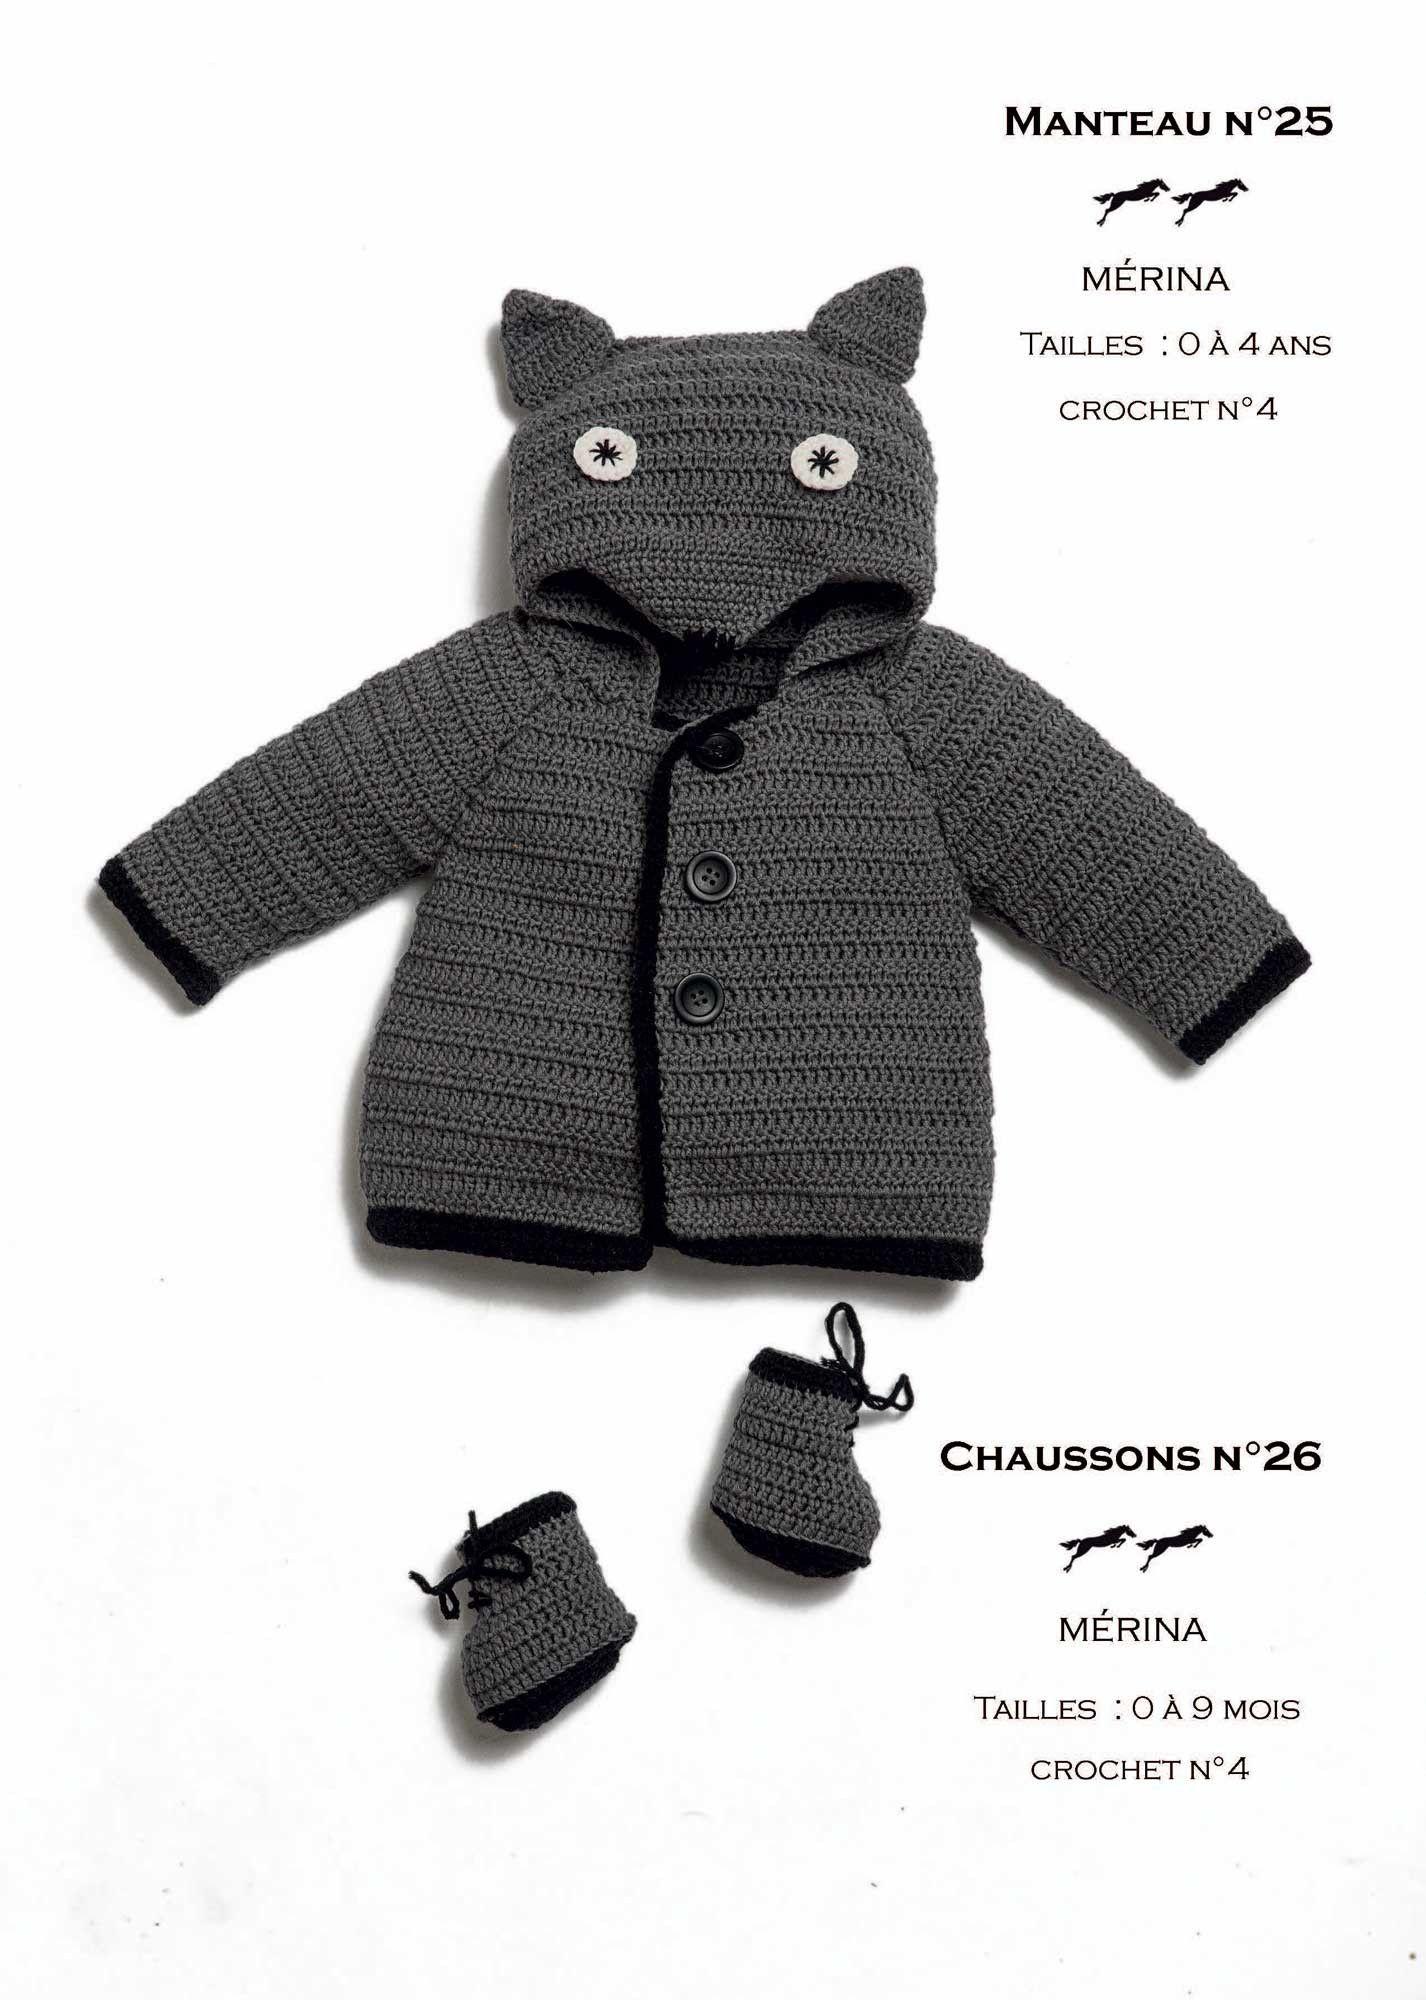 02dfb181aba8 Modèle Manteau Layette CB31 - 25 - Patron tricot